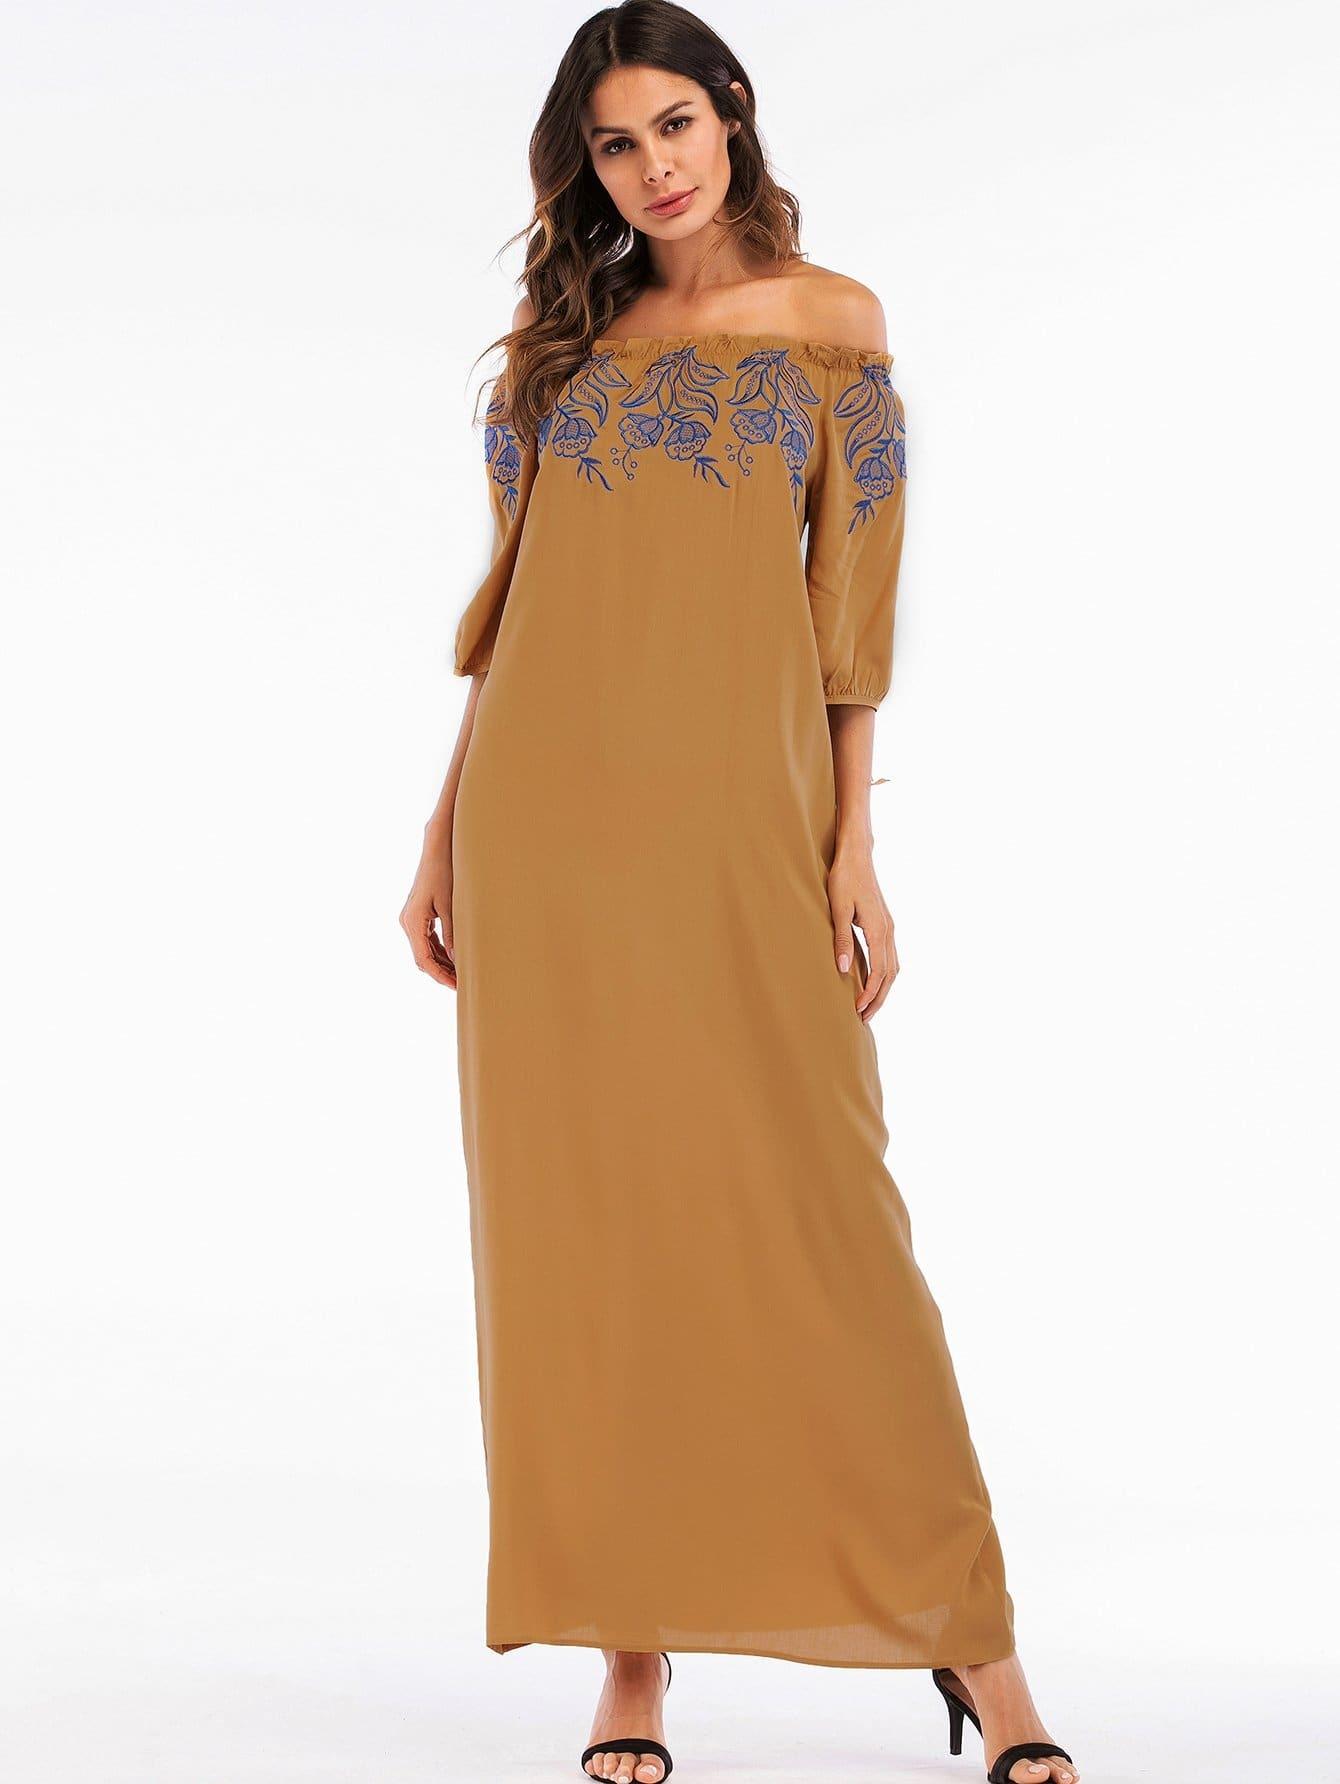 Floral Embroidered Off Shoulder Tie Detail Dress sweet off the shoulder floral dress for women